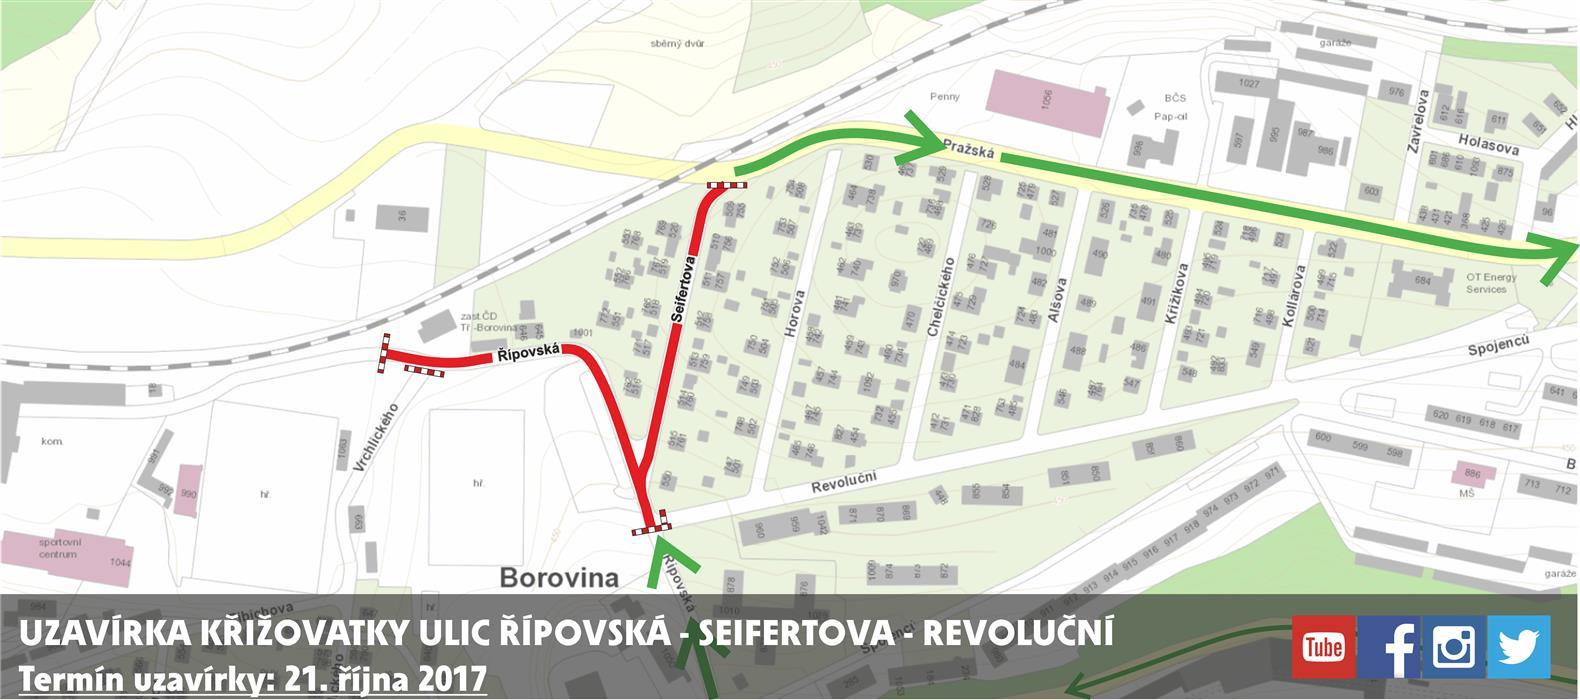 Řípovská - Revoluční